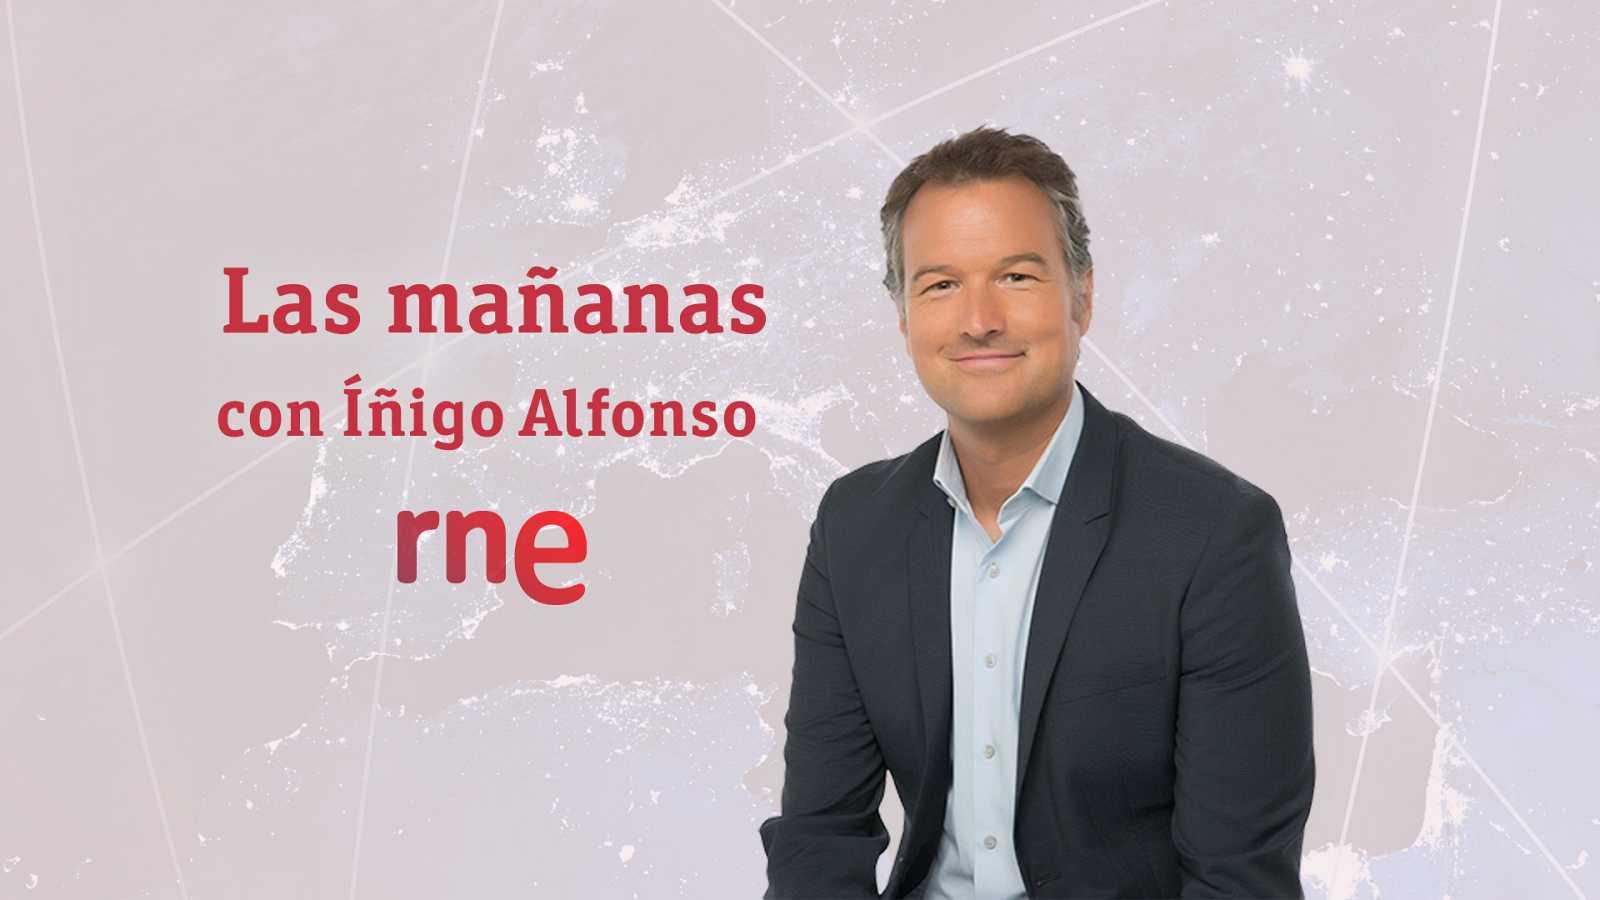 Las mañanas de RNE con Íñigo Alfonso - Segunda hora - 24/03/20 - escuchar ahora